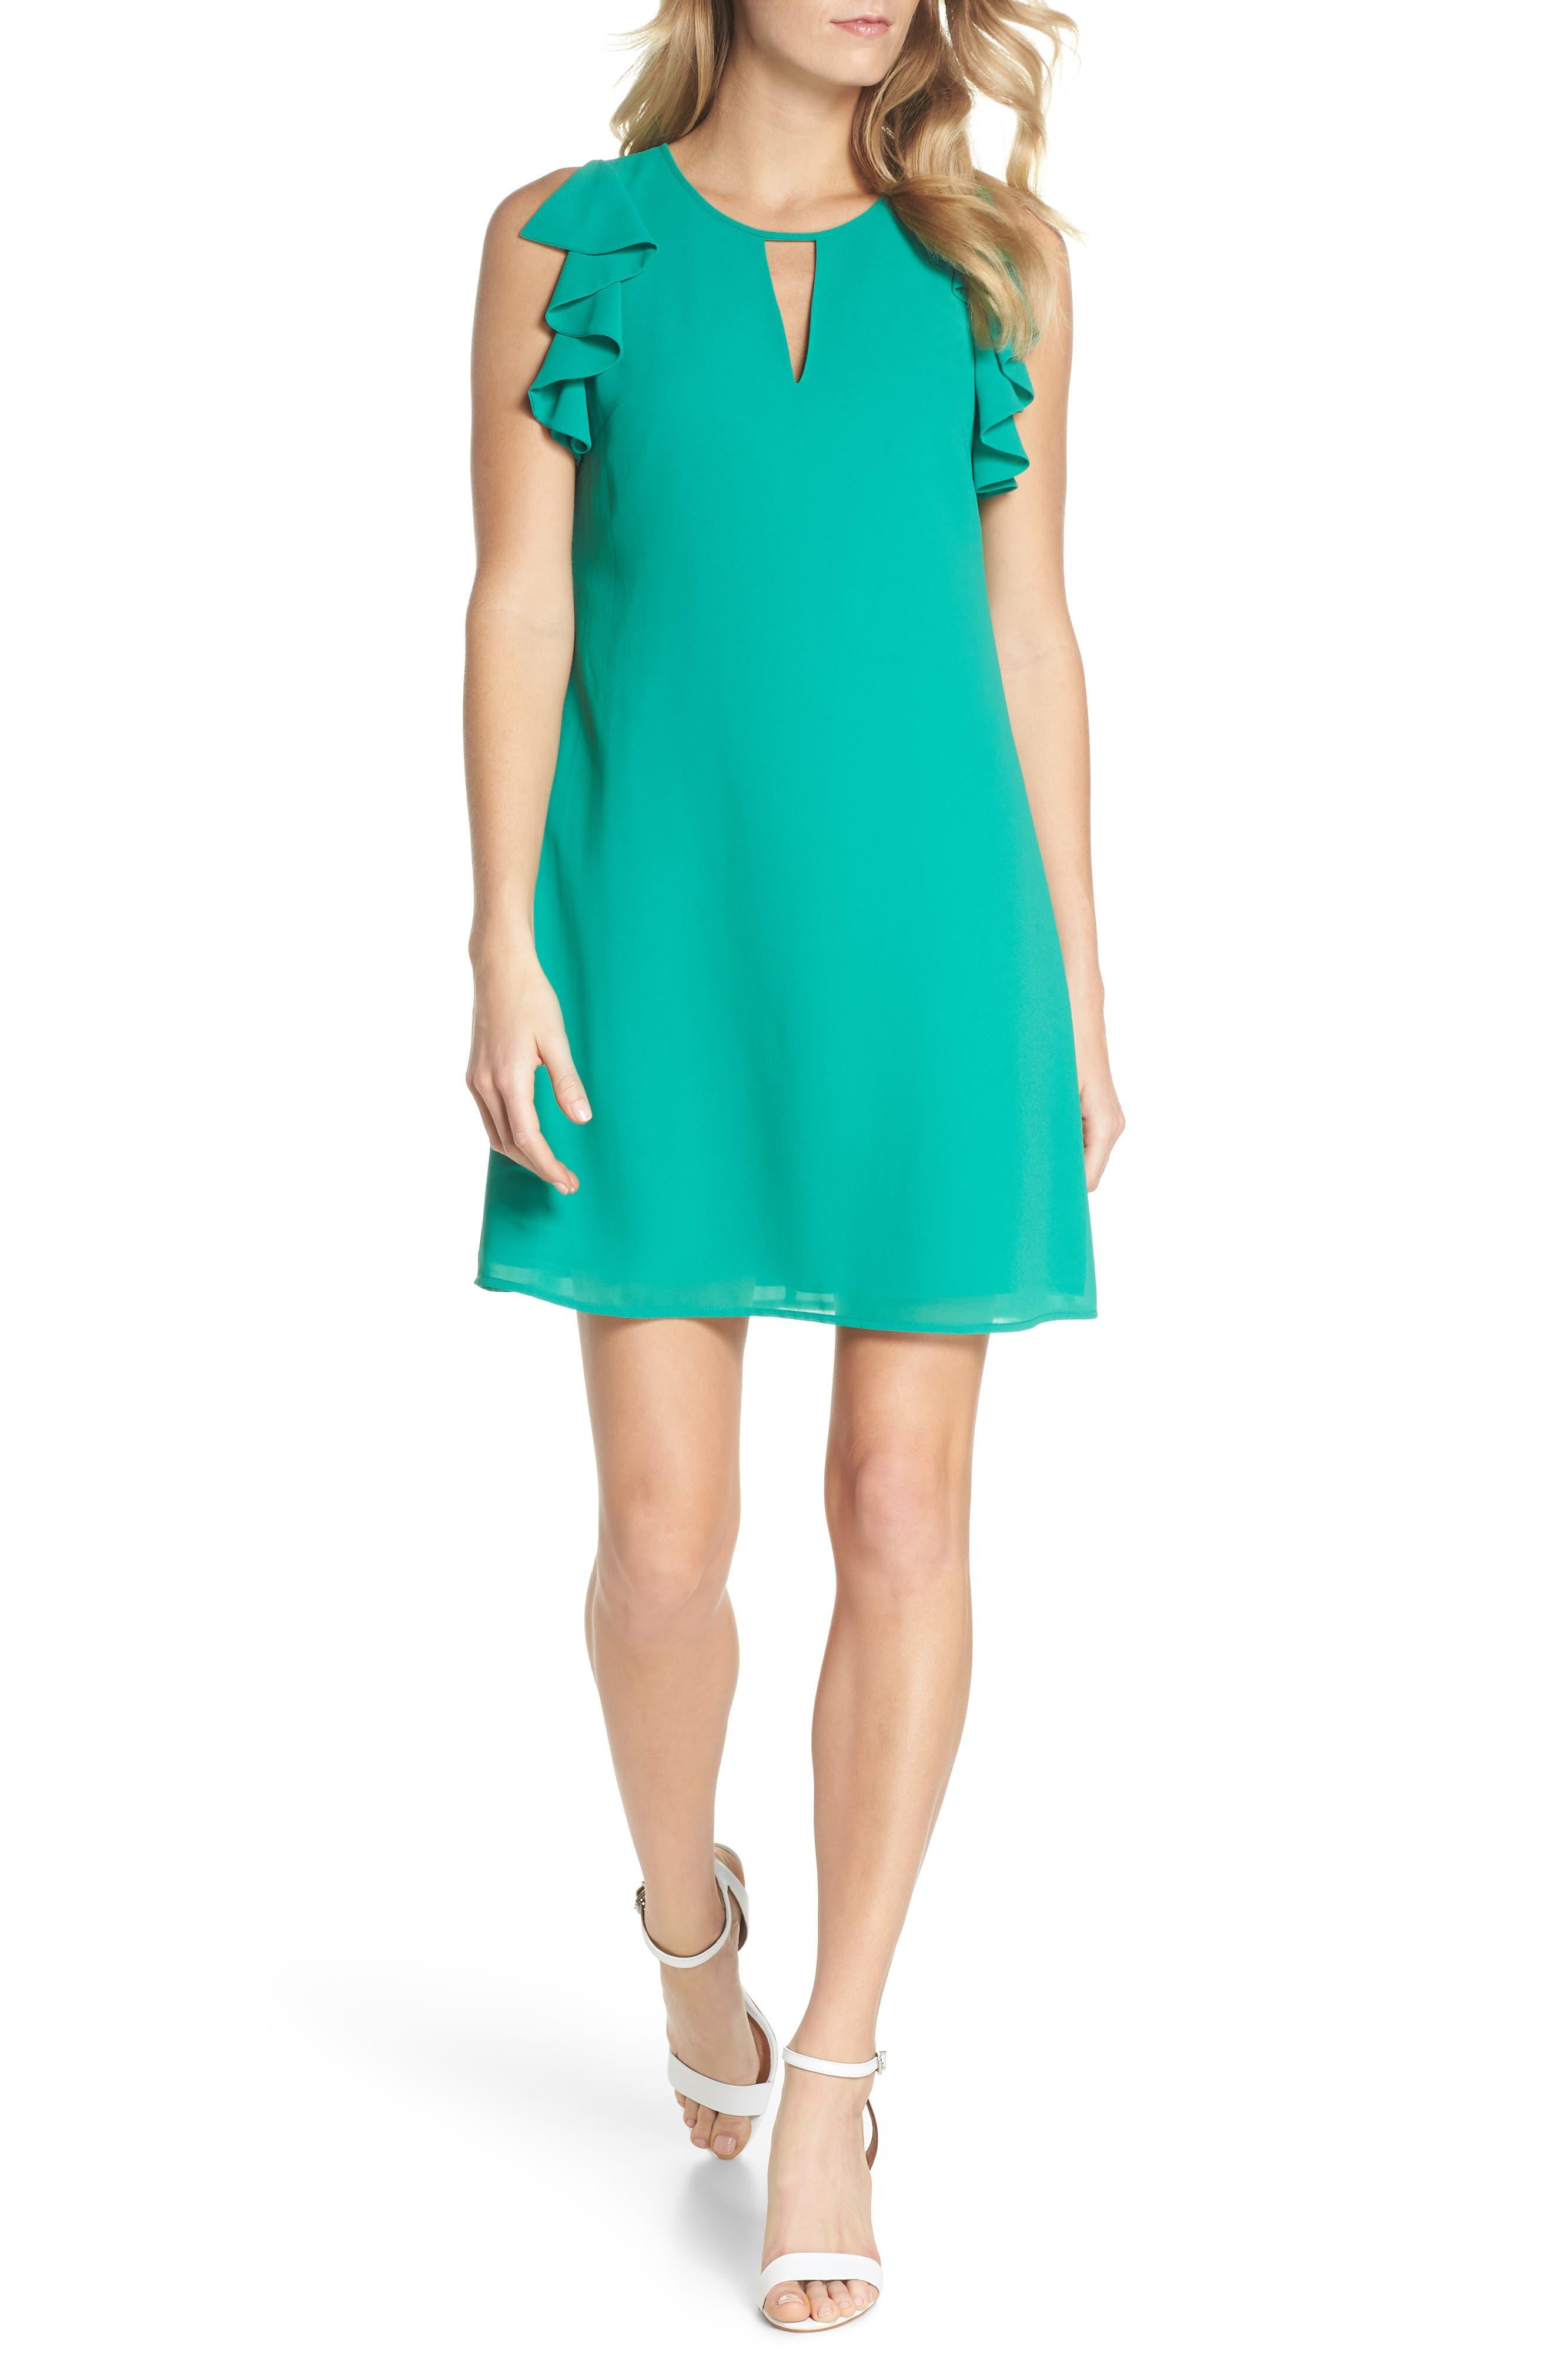 Soufflé Ruffle Chiffon Shift Dress,                             Main thumbnail 1, color,                             Green